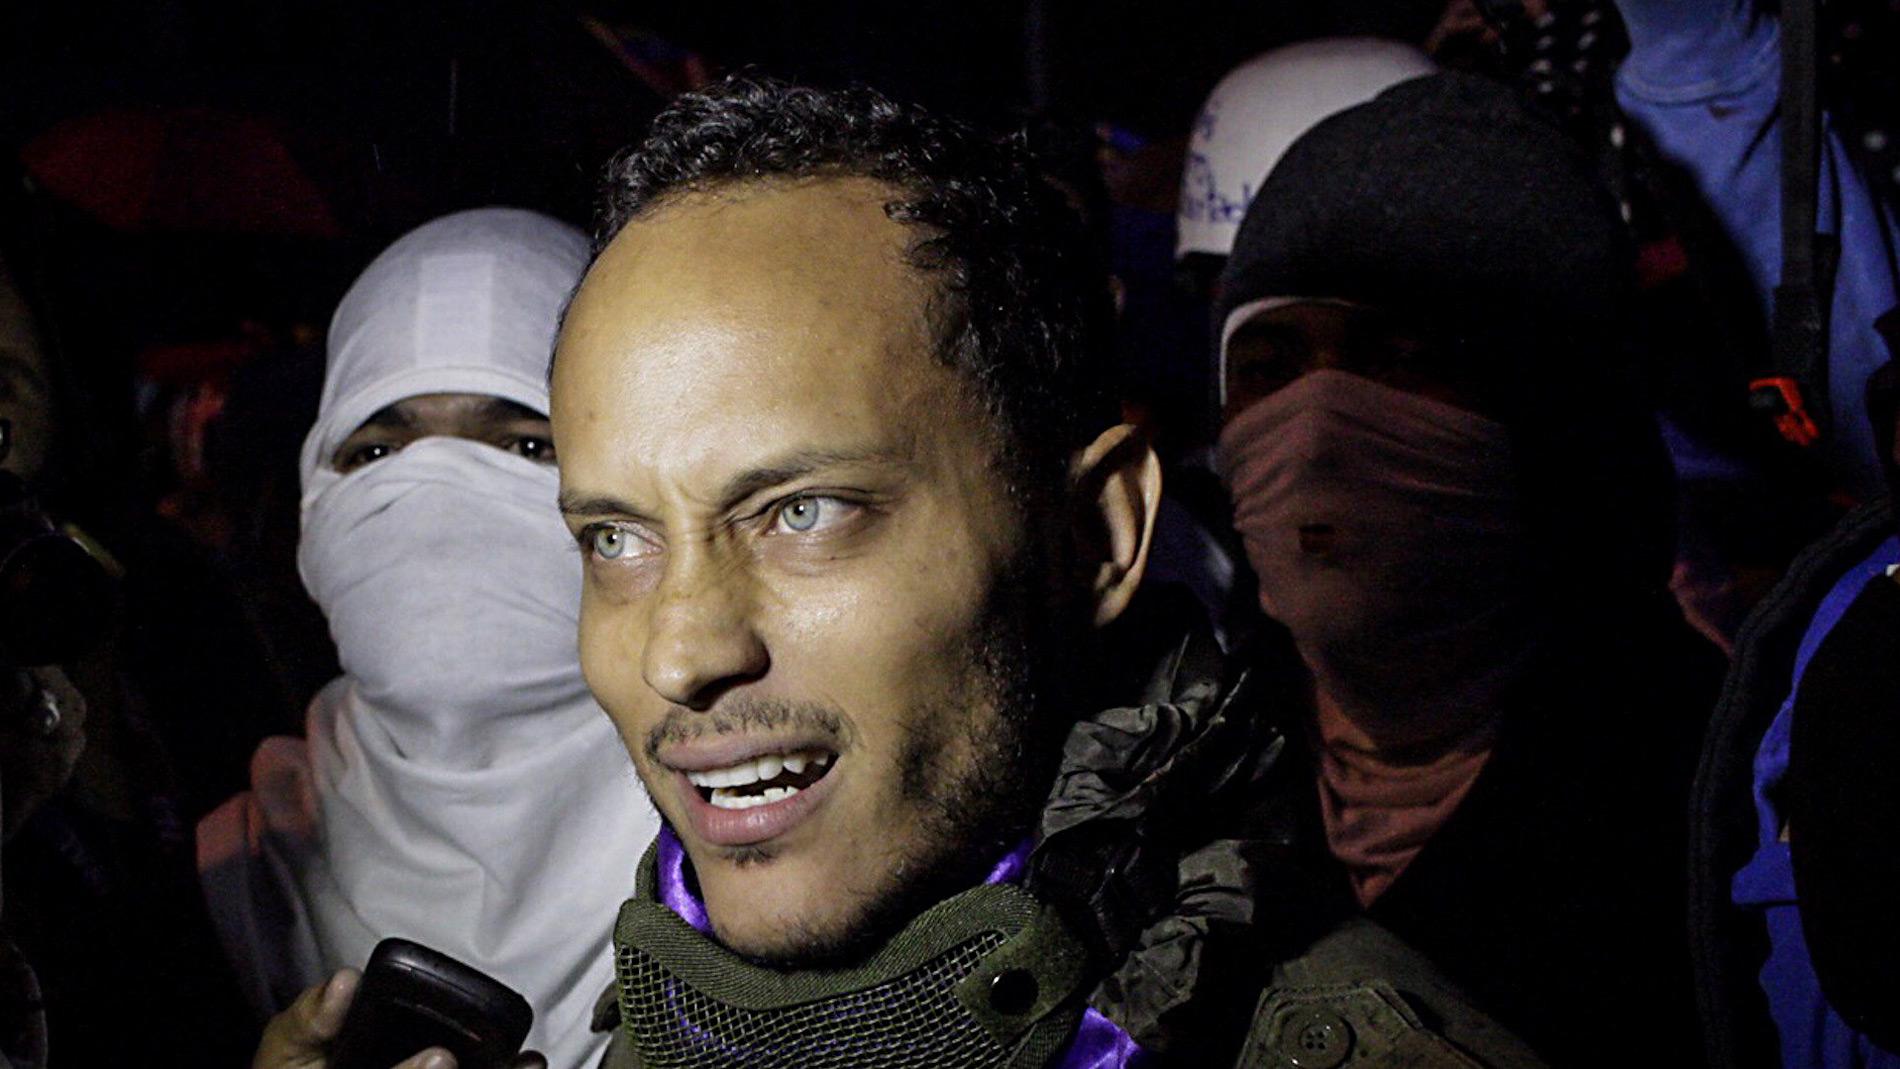 Venezuela admite la muerte del expolicía Óscar Pérez en la operación para detenerle